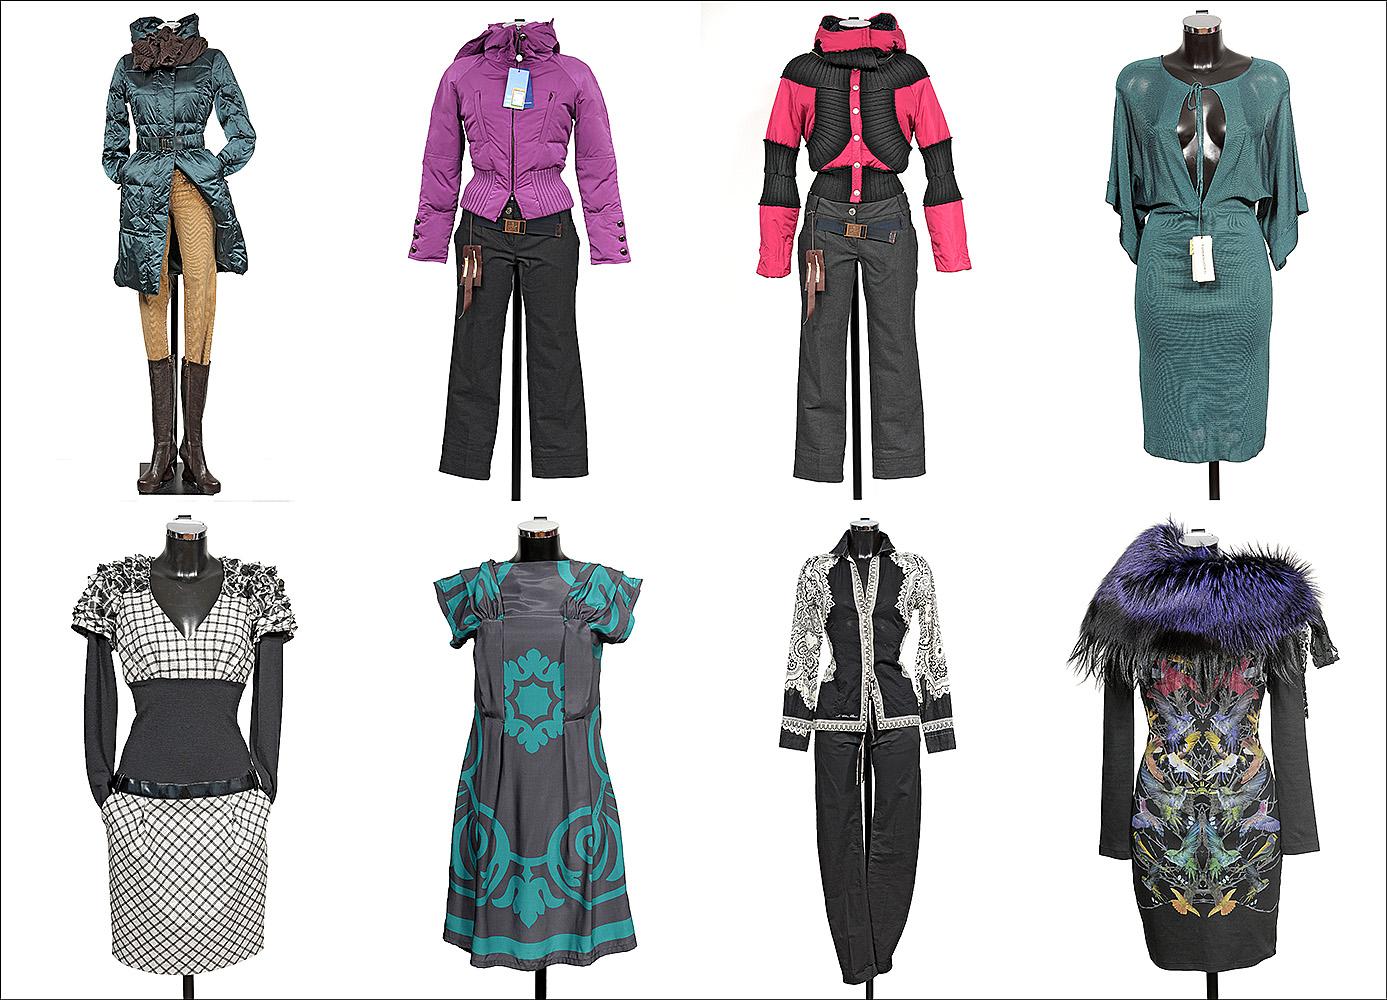 Купить красивые ткани для одежды, искусственный мех в магазинах Спб или в интернет